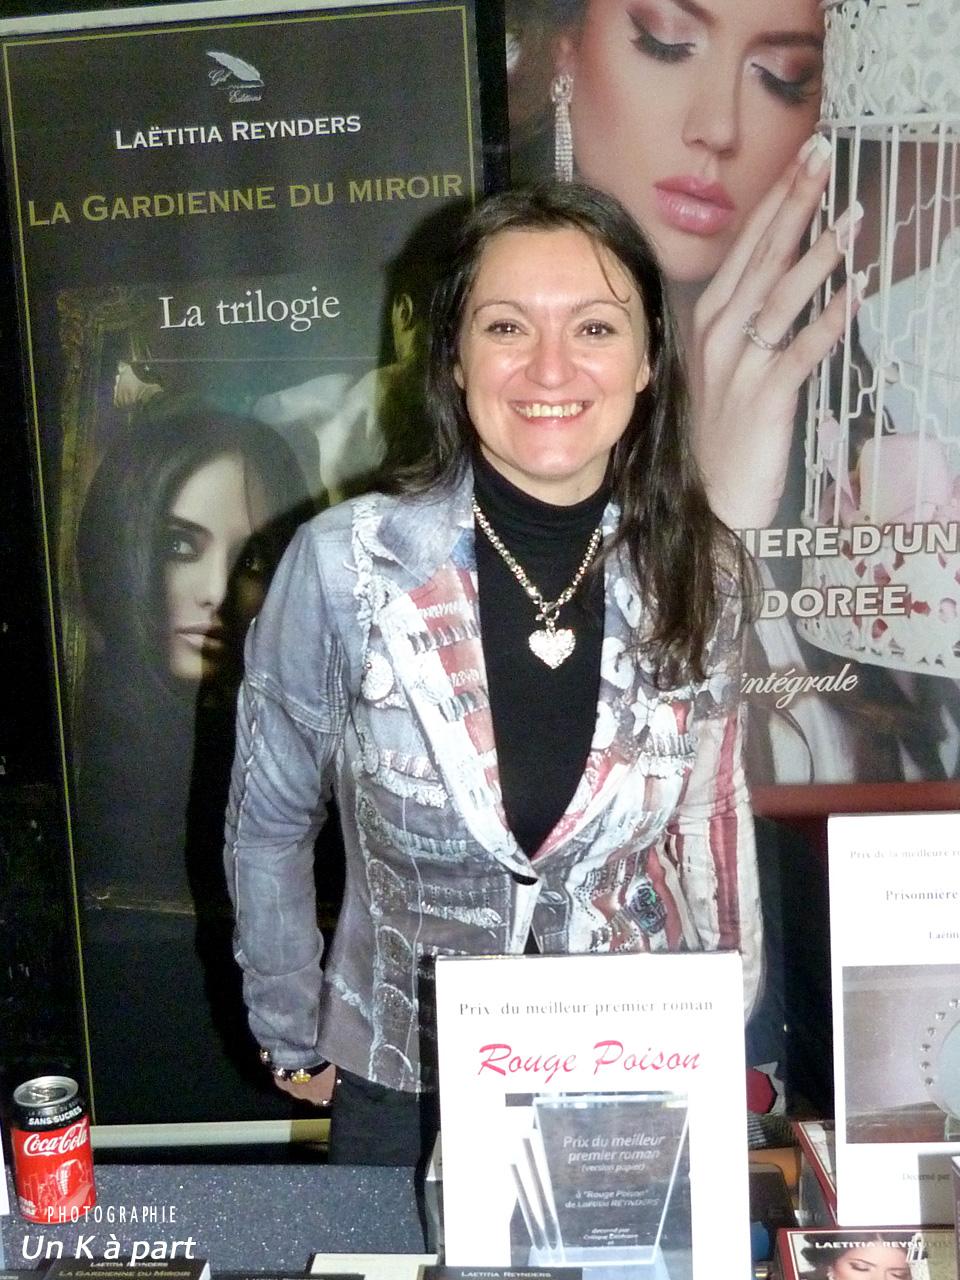 Festival du livre romantique 2019 Laetitia Reynders